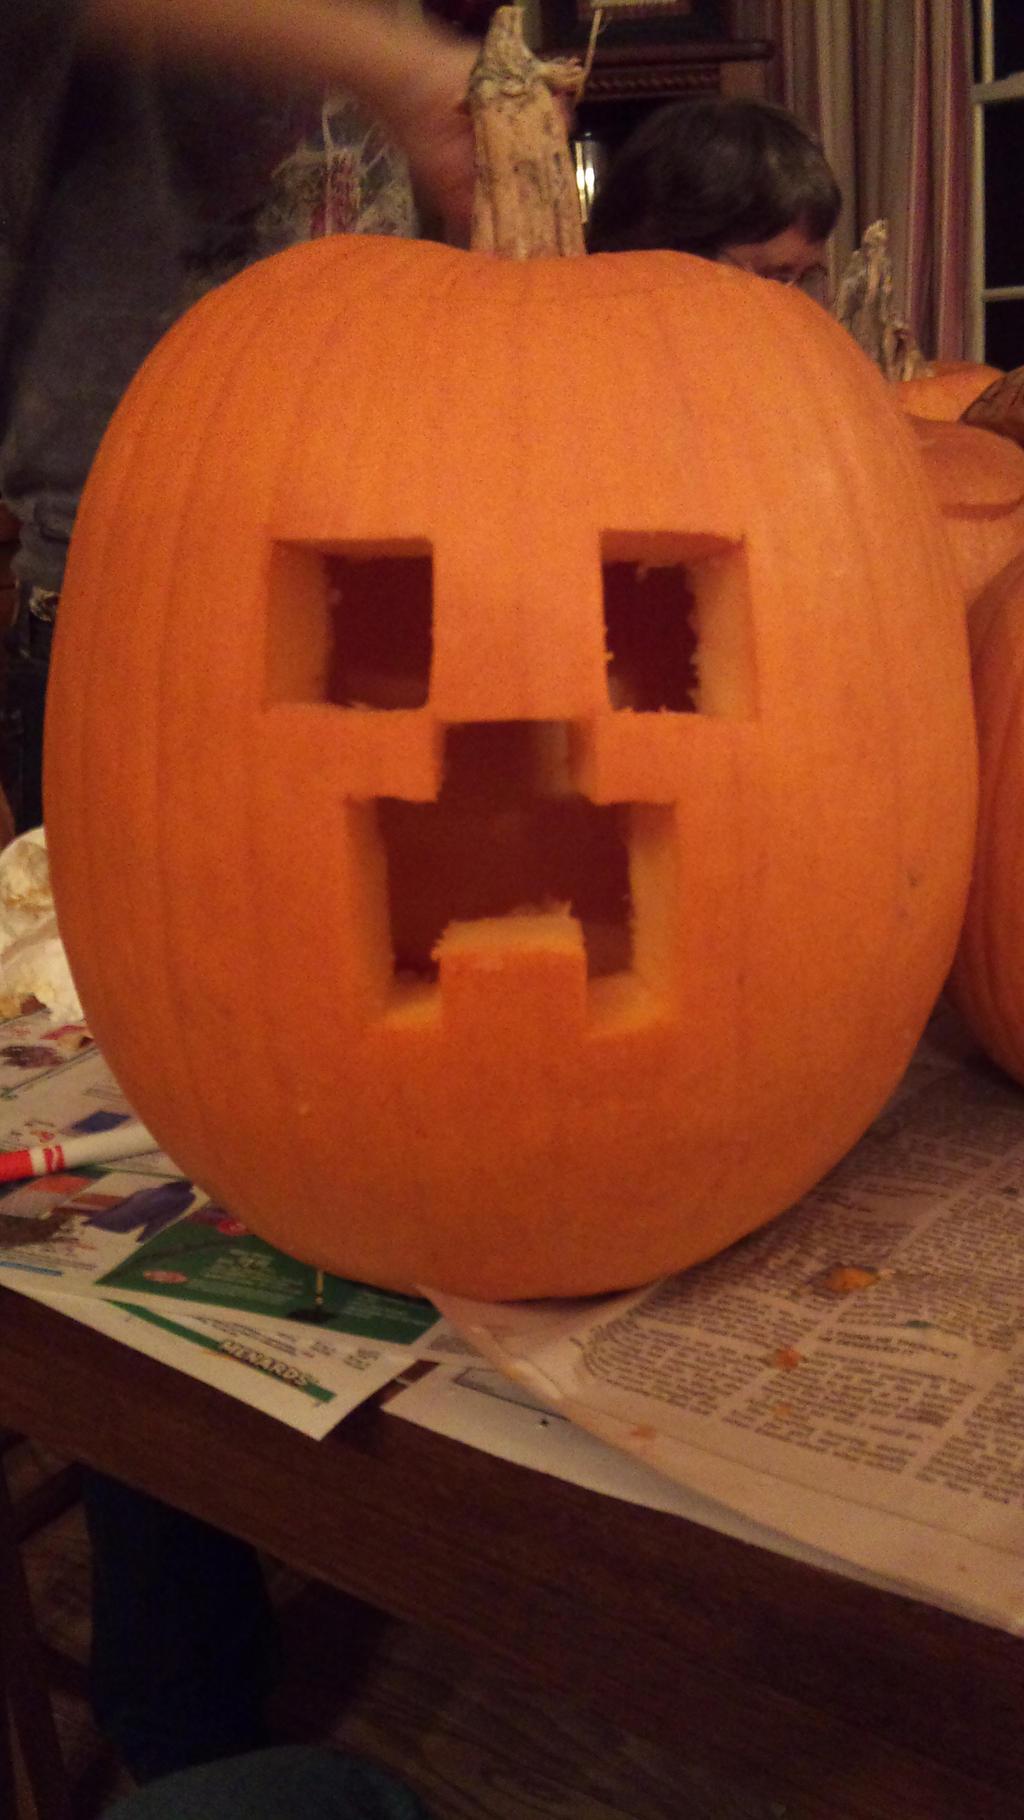 Minecraft creeper pumpkin by darkksaber on deviantart